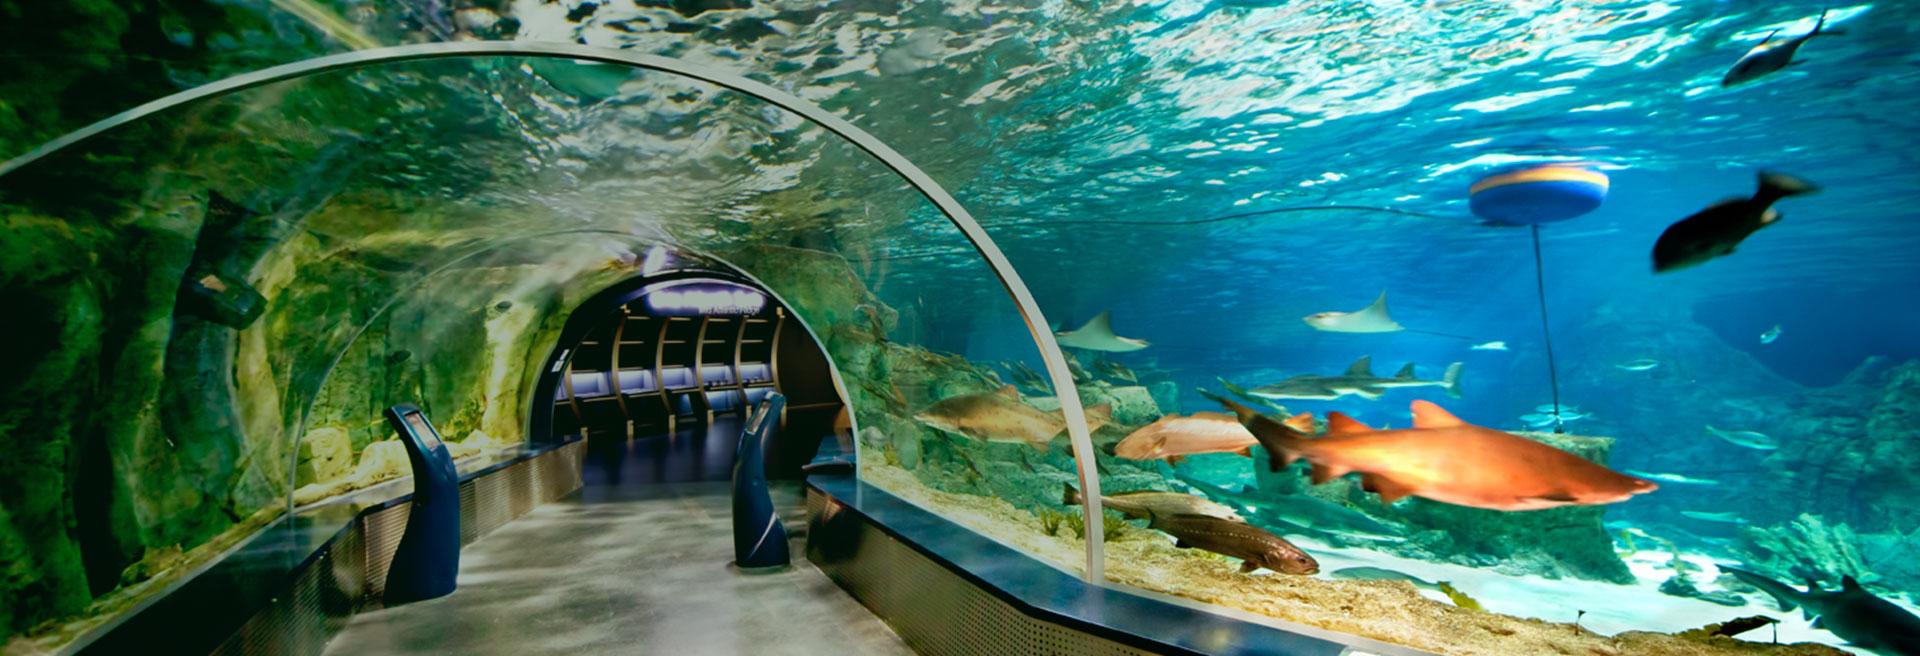 Dünyanın En Büyük Tematik Akvaryumu İstanbul'da